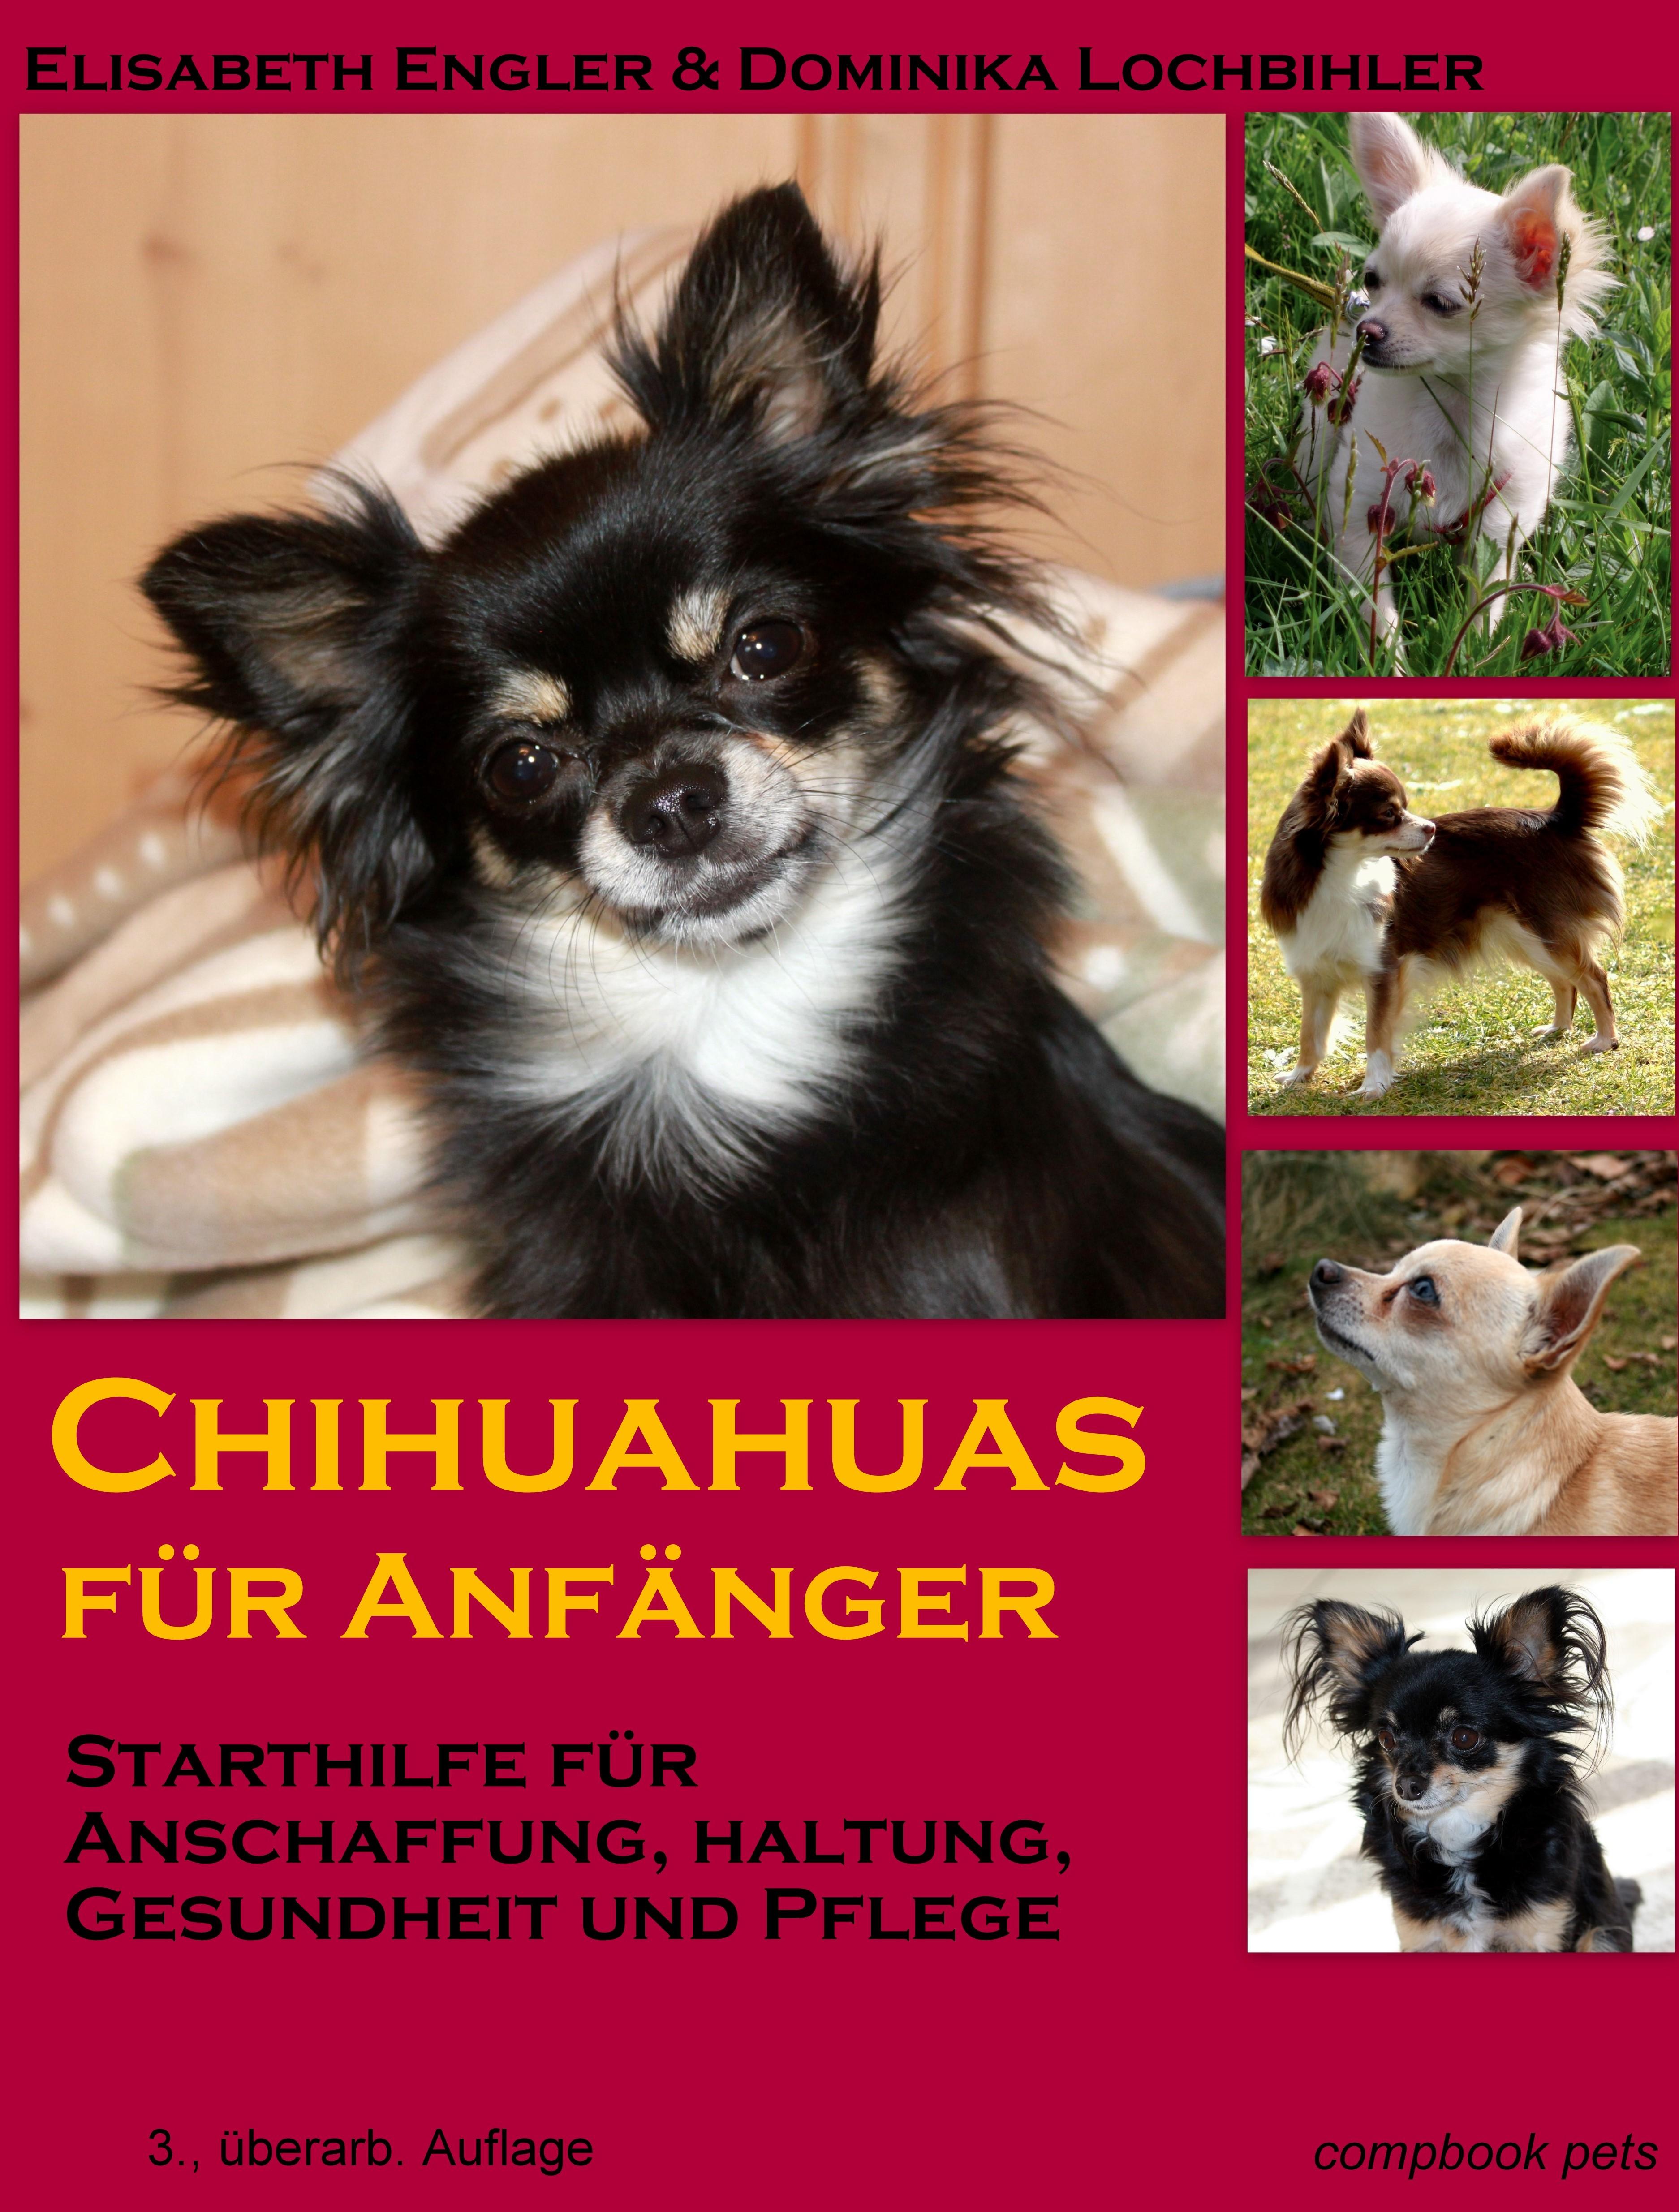 Chihuahuas für Anfänger: Starthilfe für Anschaf...